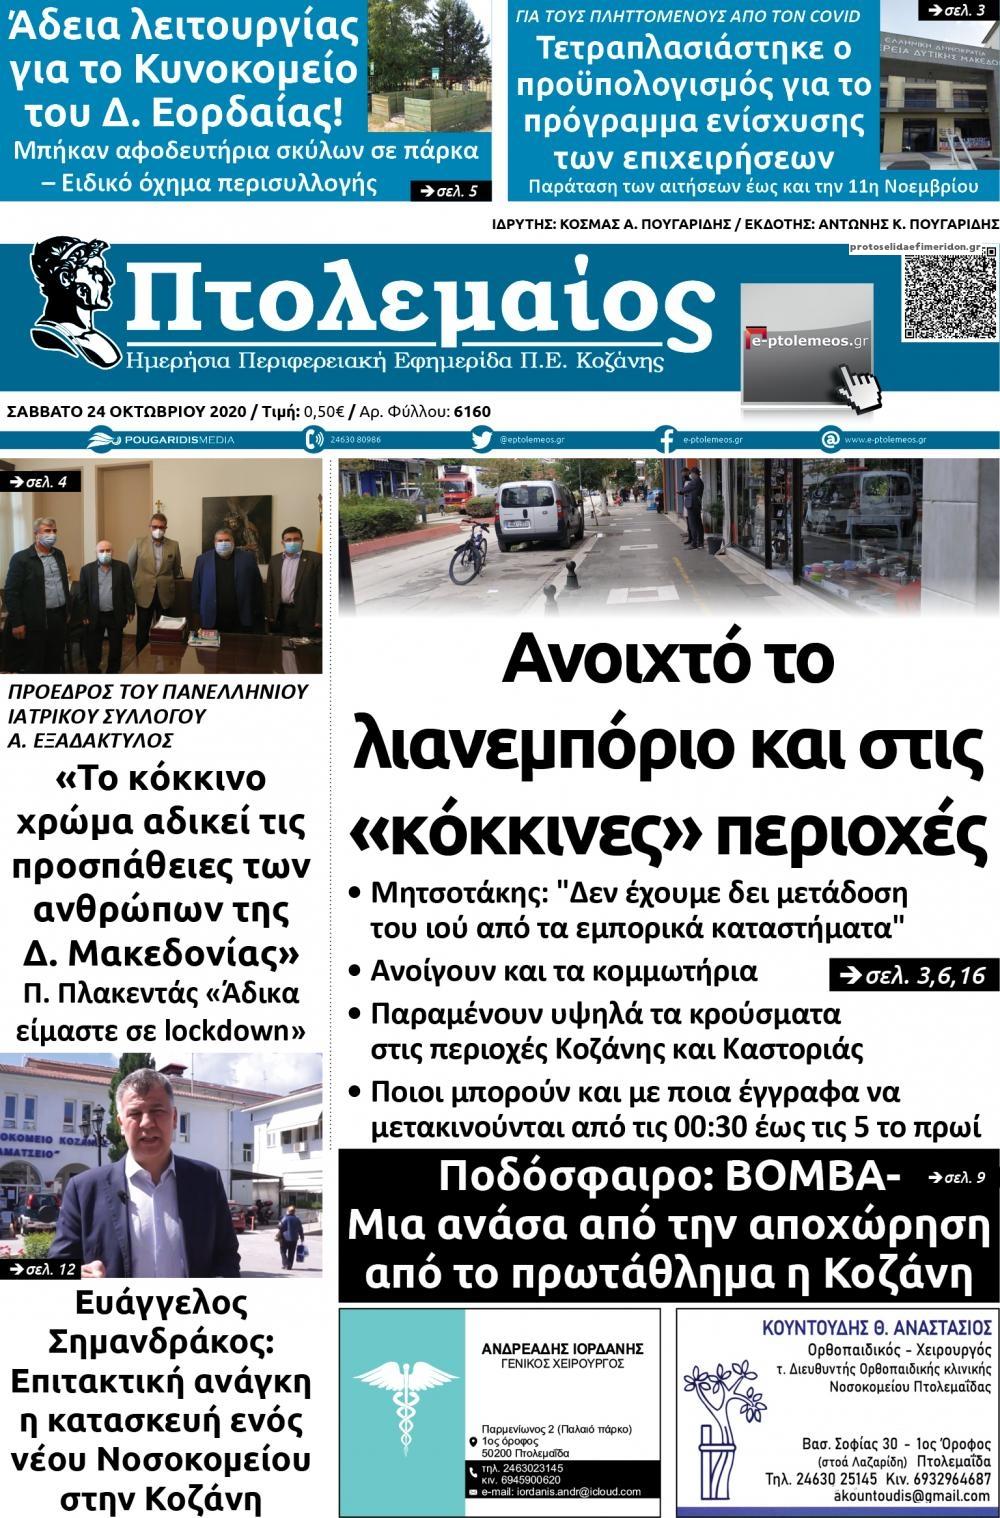 Πρωτοσέλιδο εφημερίδας Πτολεμαίος